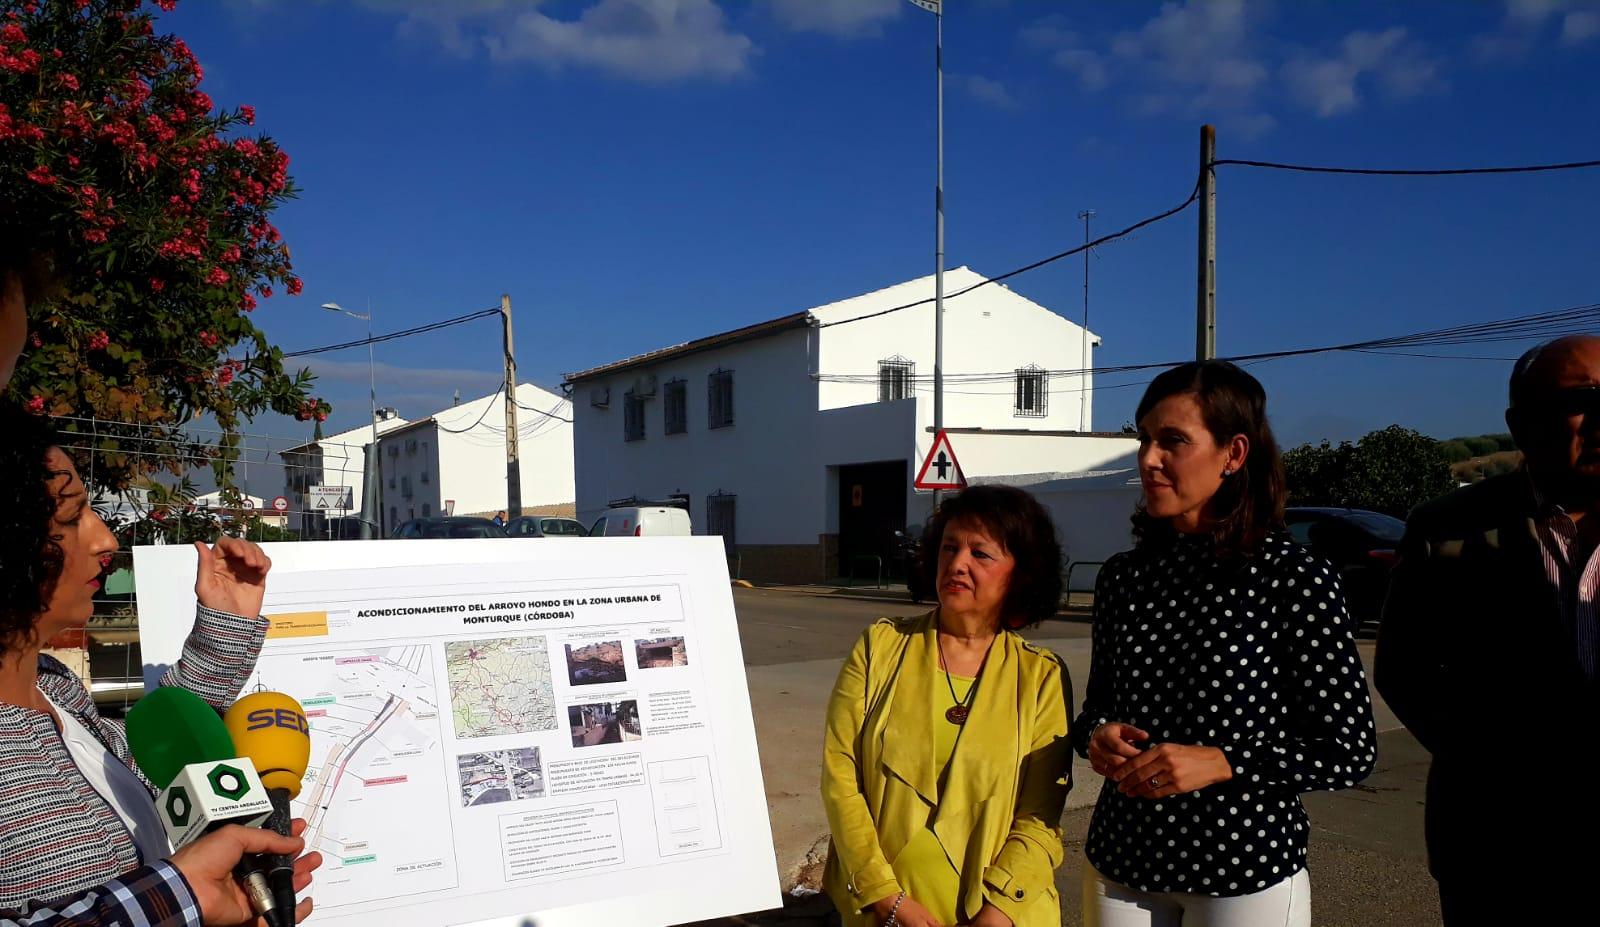 La CHG da solución a los problemas de inundaciones del Arroyo Hondo en Monturque